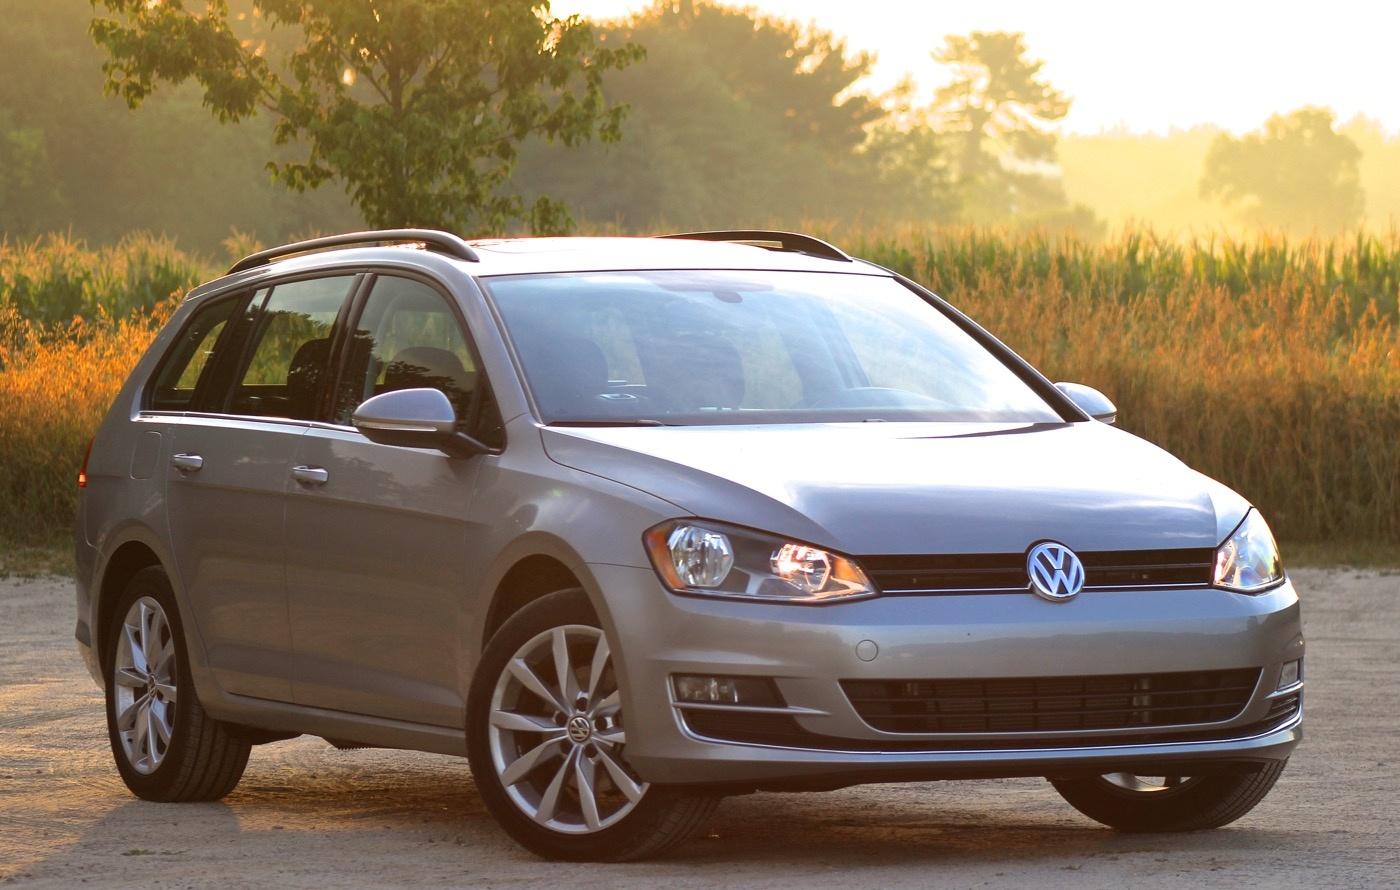 2016 Volkswagen Golf SportWagen - Overview - CarGurus